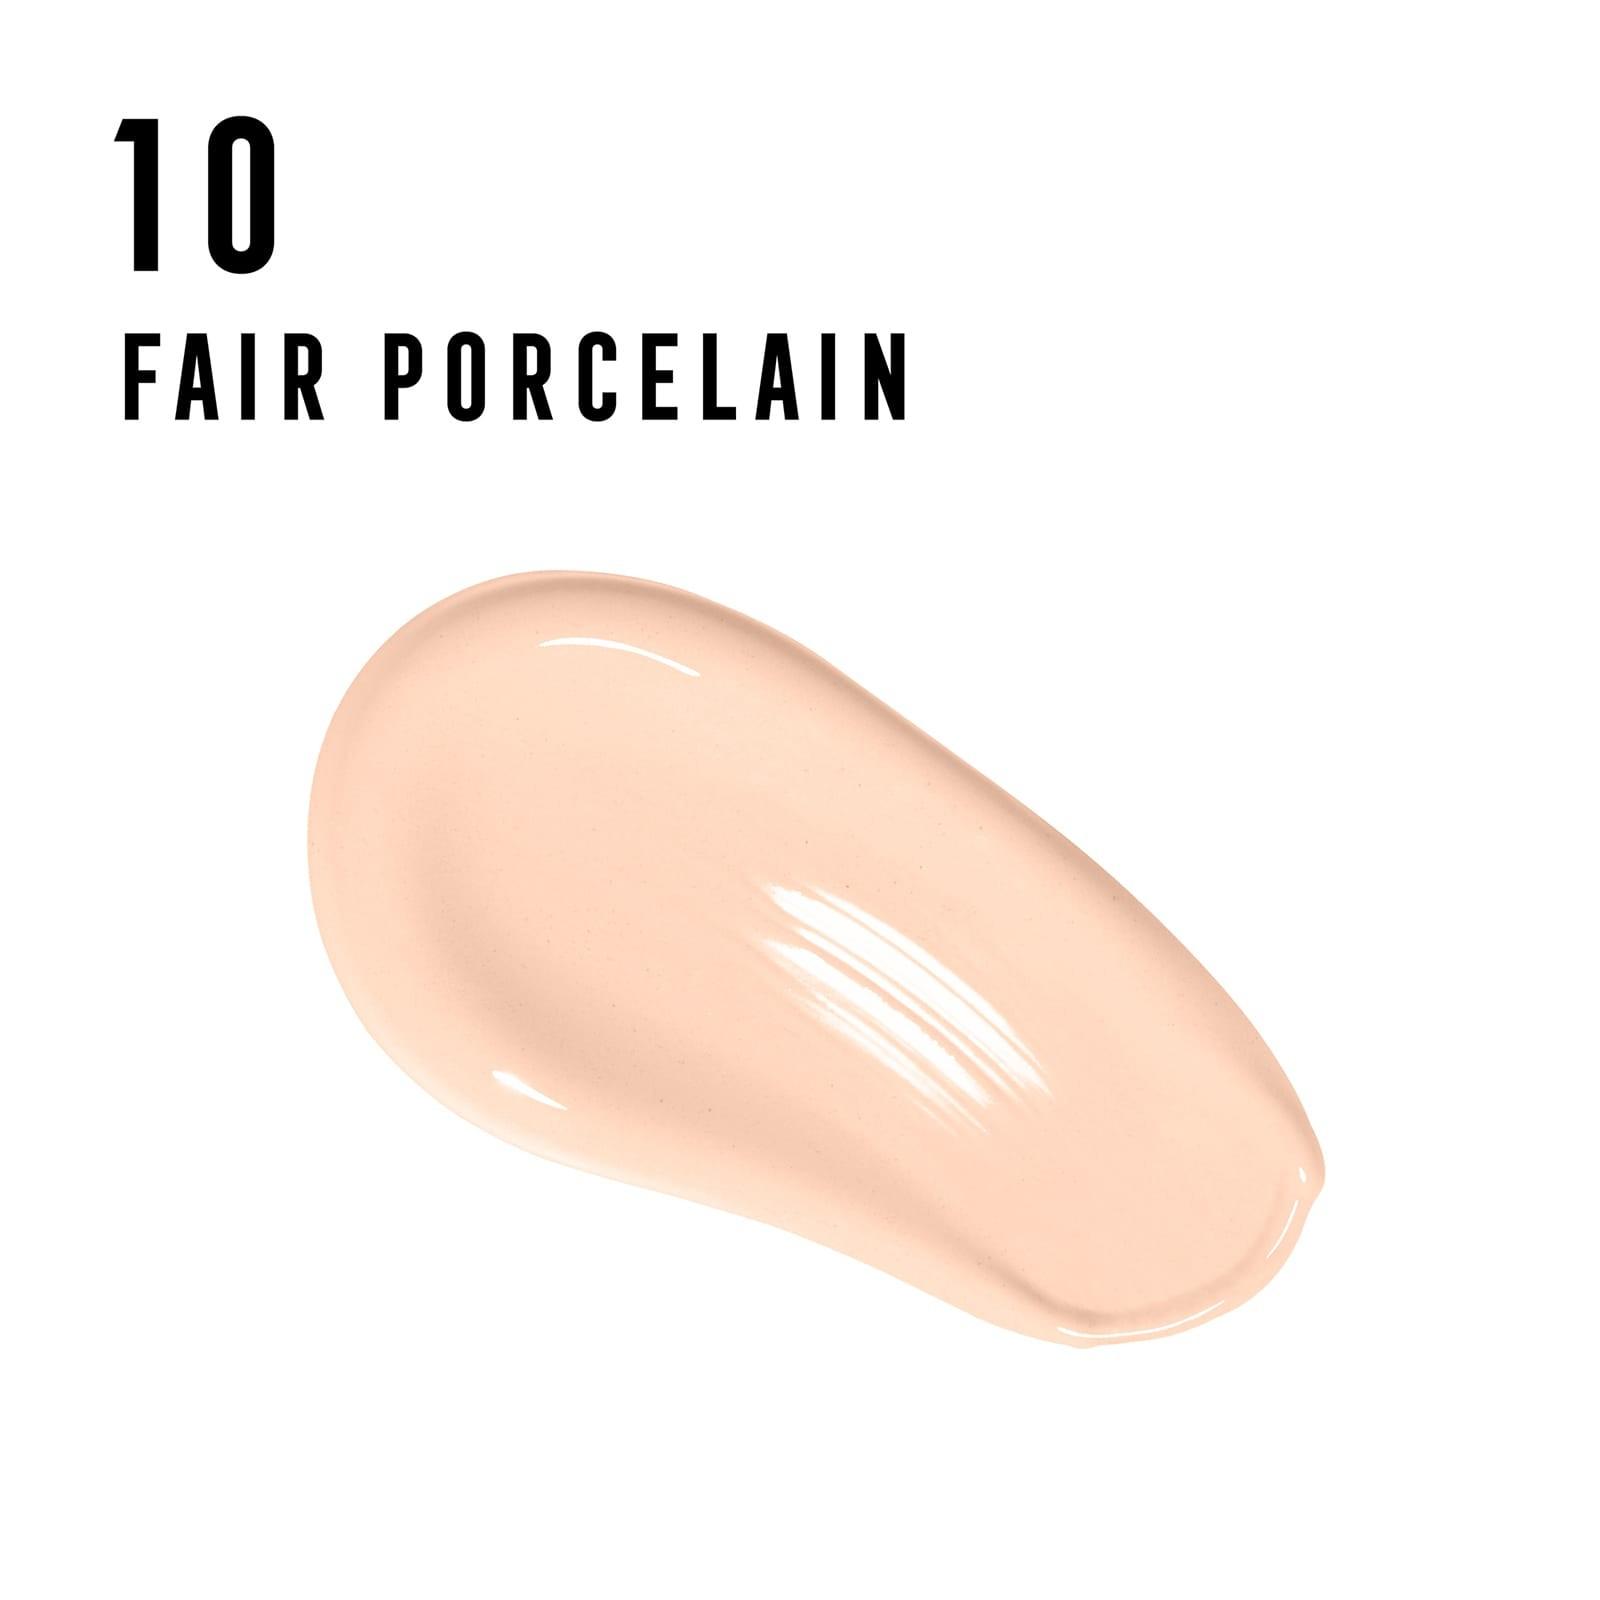 Fair Poreclain 10